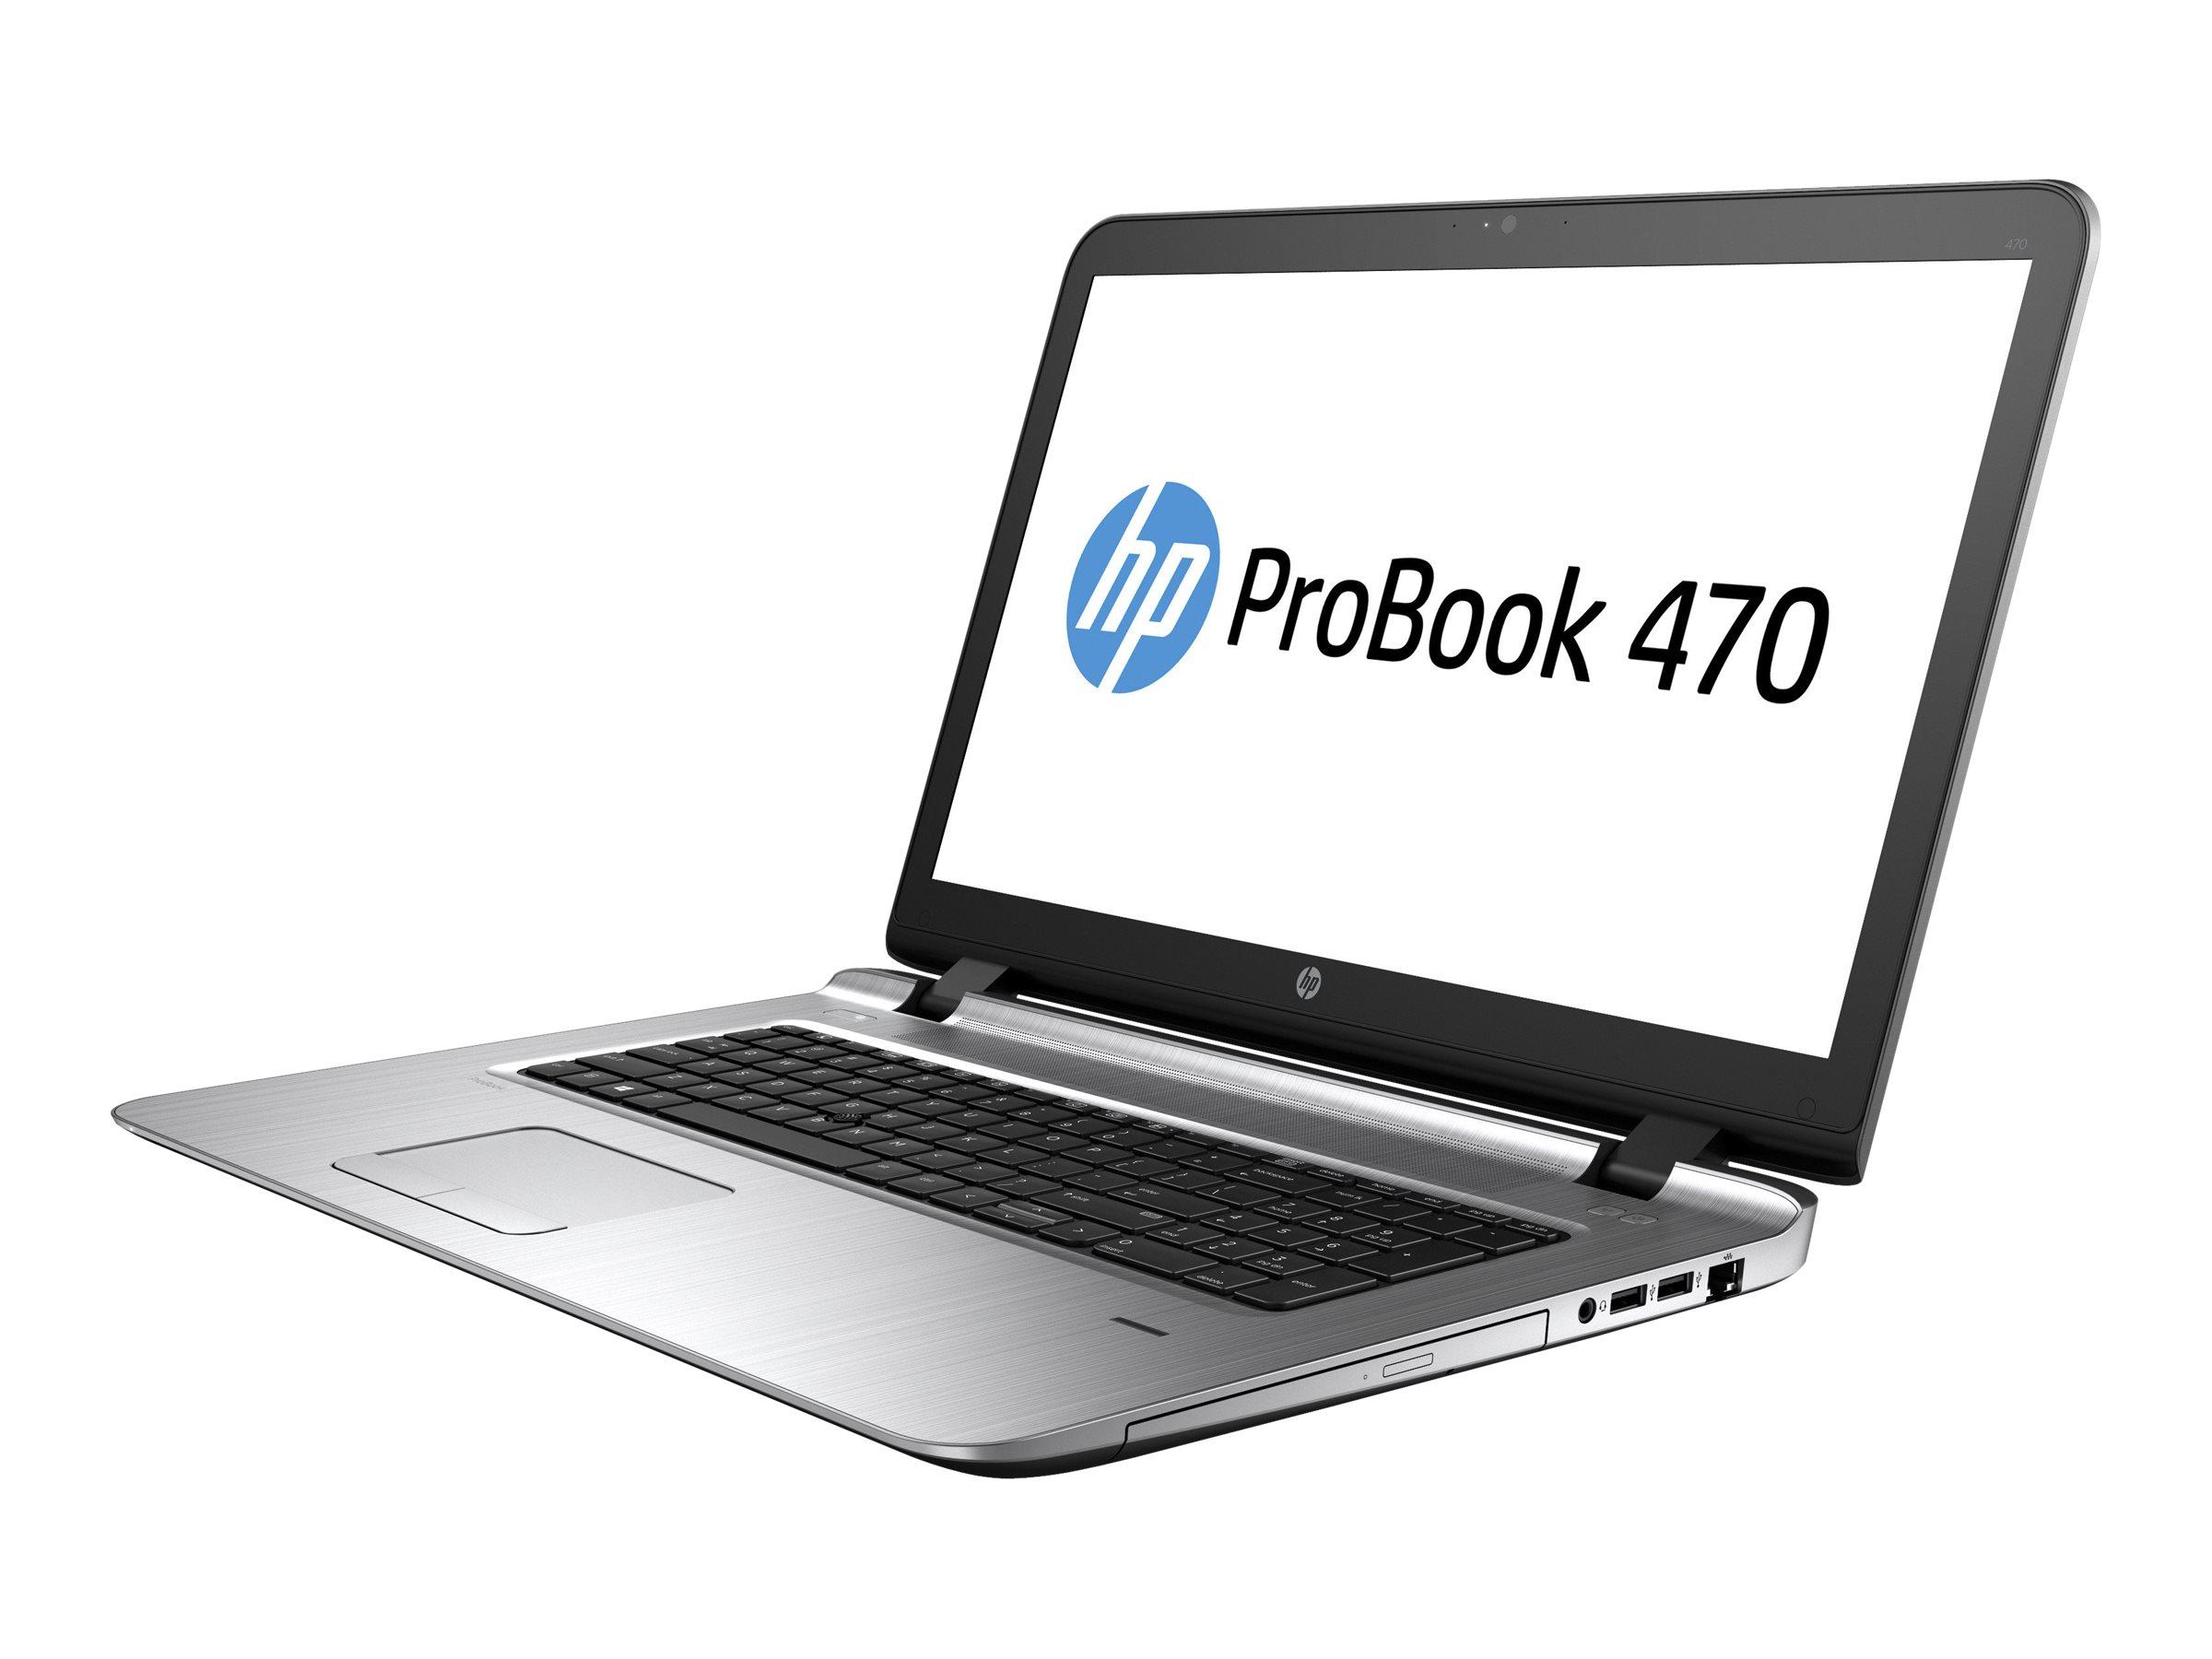 hp-probook-470G3